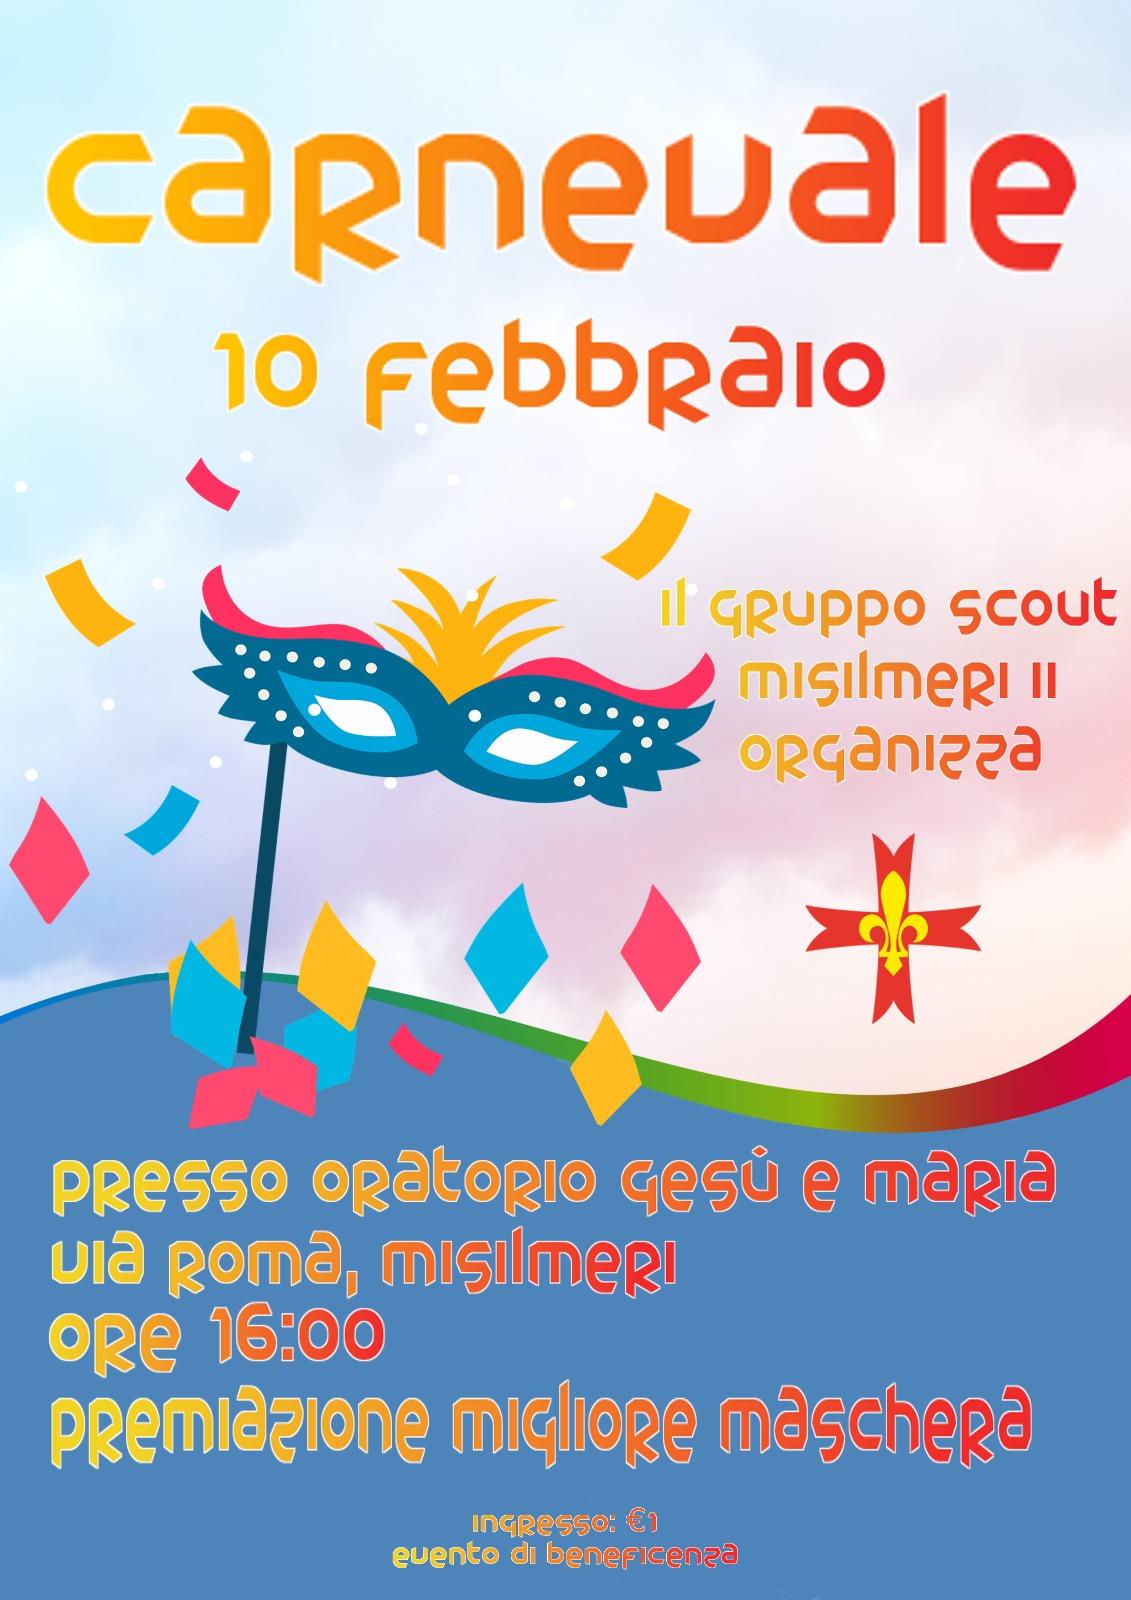 Oggi il Carnevale del Gruppo Scout Misilmeri II